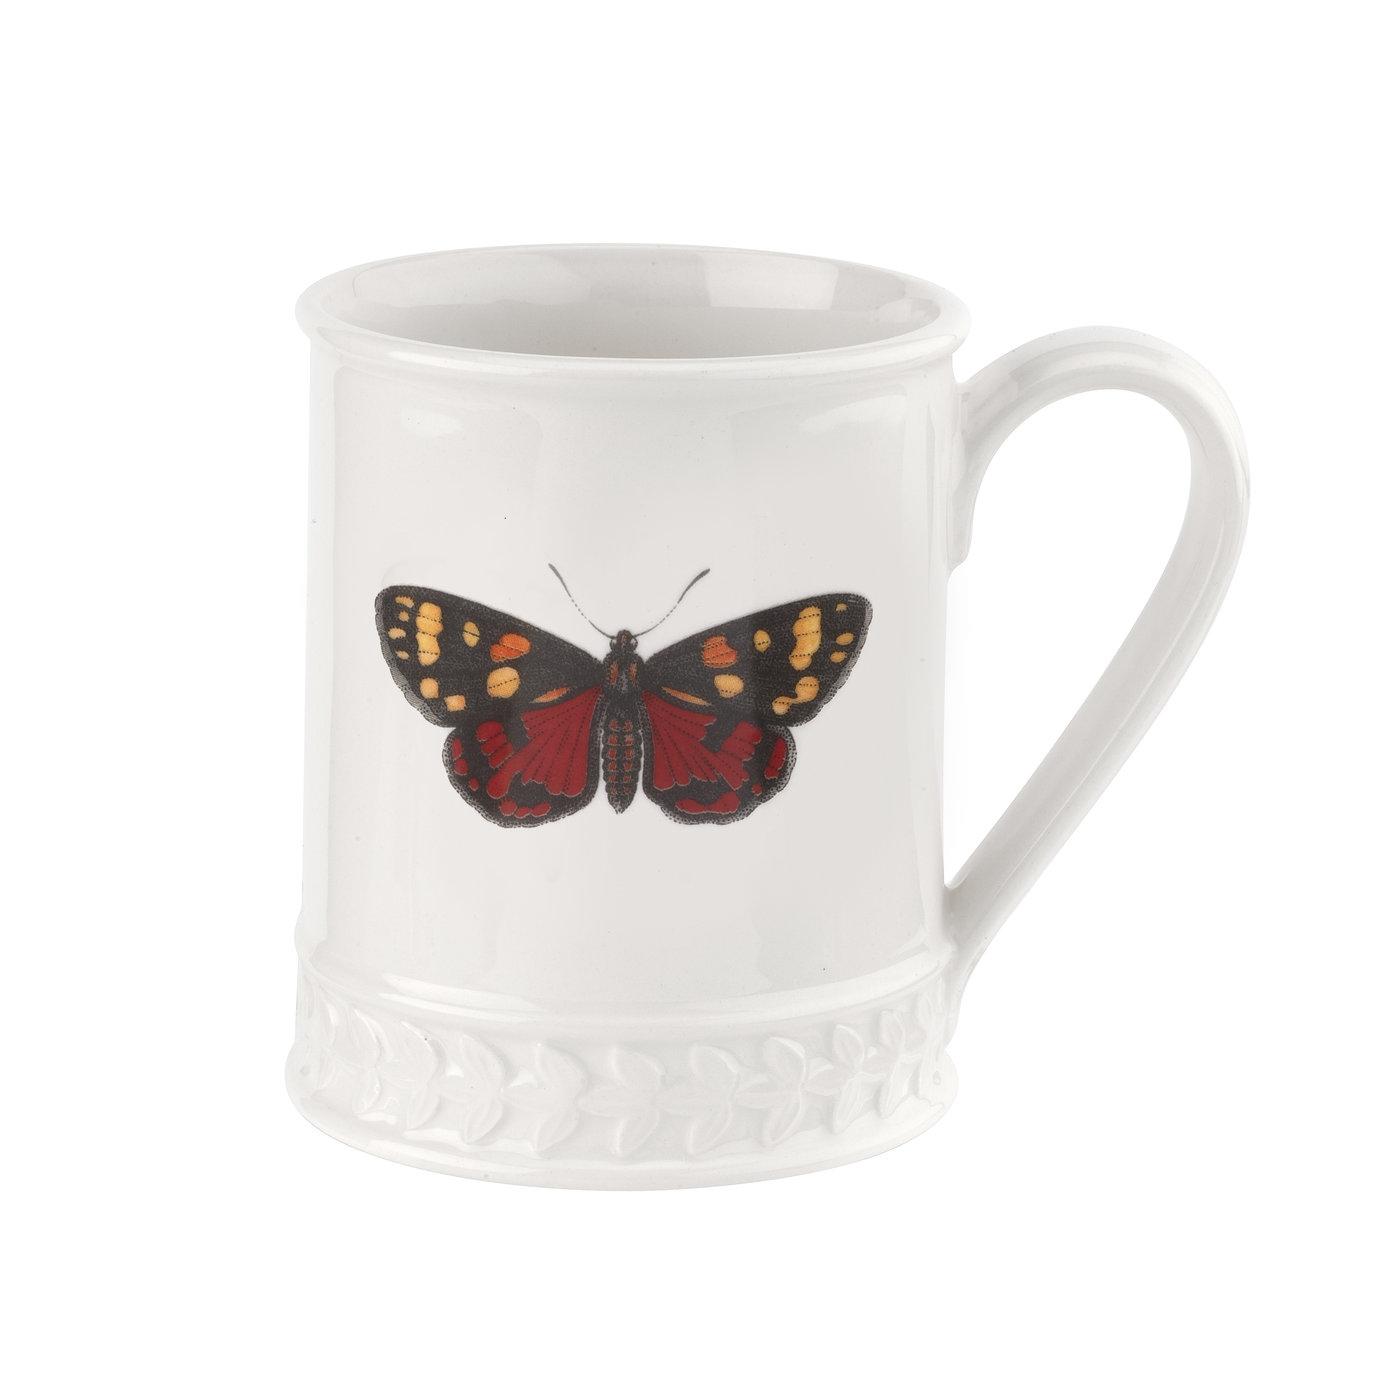 포트메리온 '보타닉 가든 하모니' 나비 머그 Portmeirion Botanic Garden Harmony Embossed 12 oz Tankard-Scarlet Butterfly